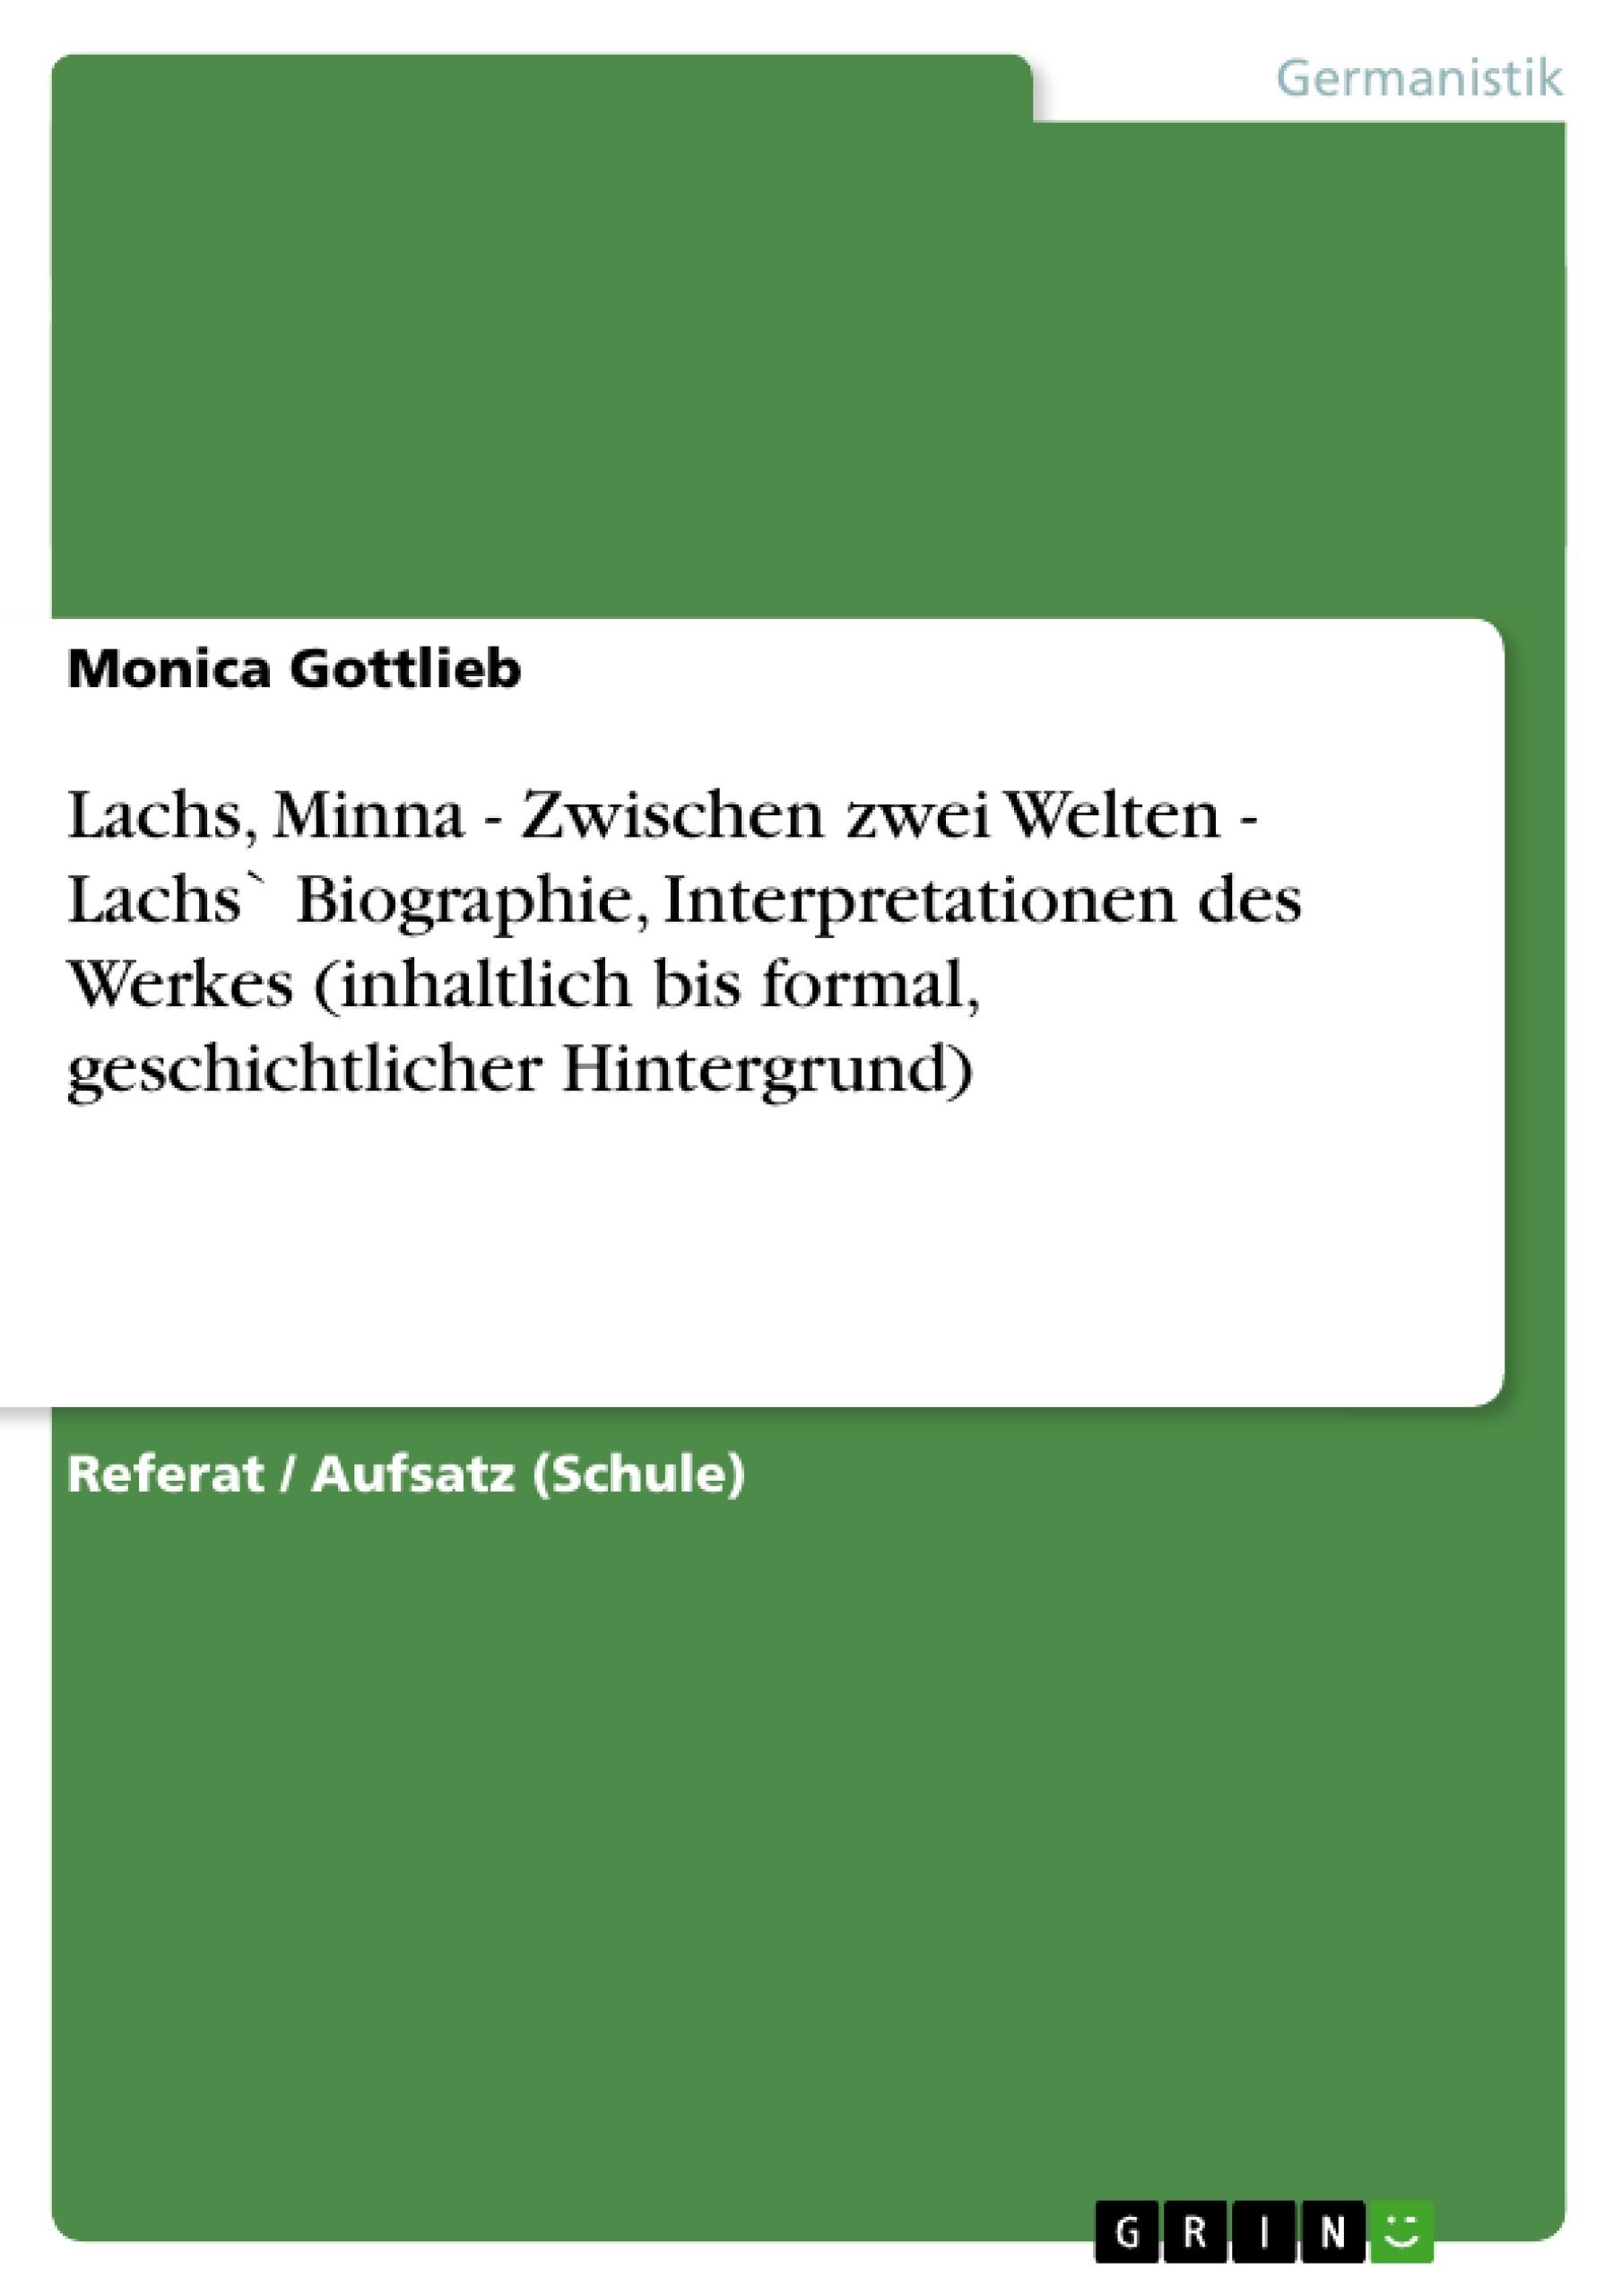 Titel: Lachs, Minna - Zwischen zwei Welten - Lachs` Biographie, Interpretationen des Werkes (inhaltlich bis formal, geschichtlicher Hintergrund)